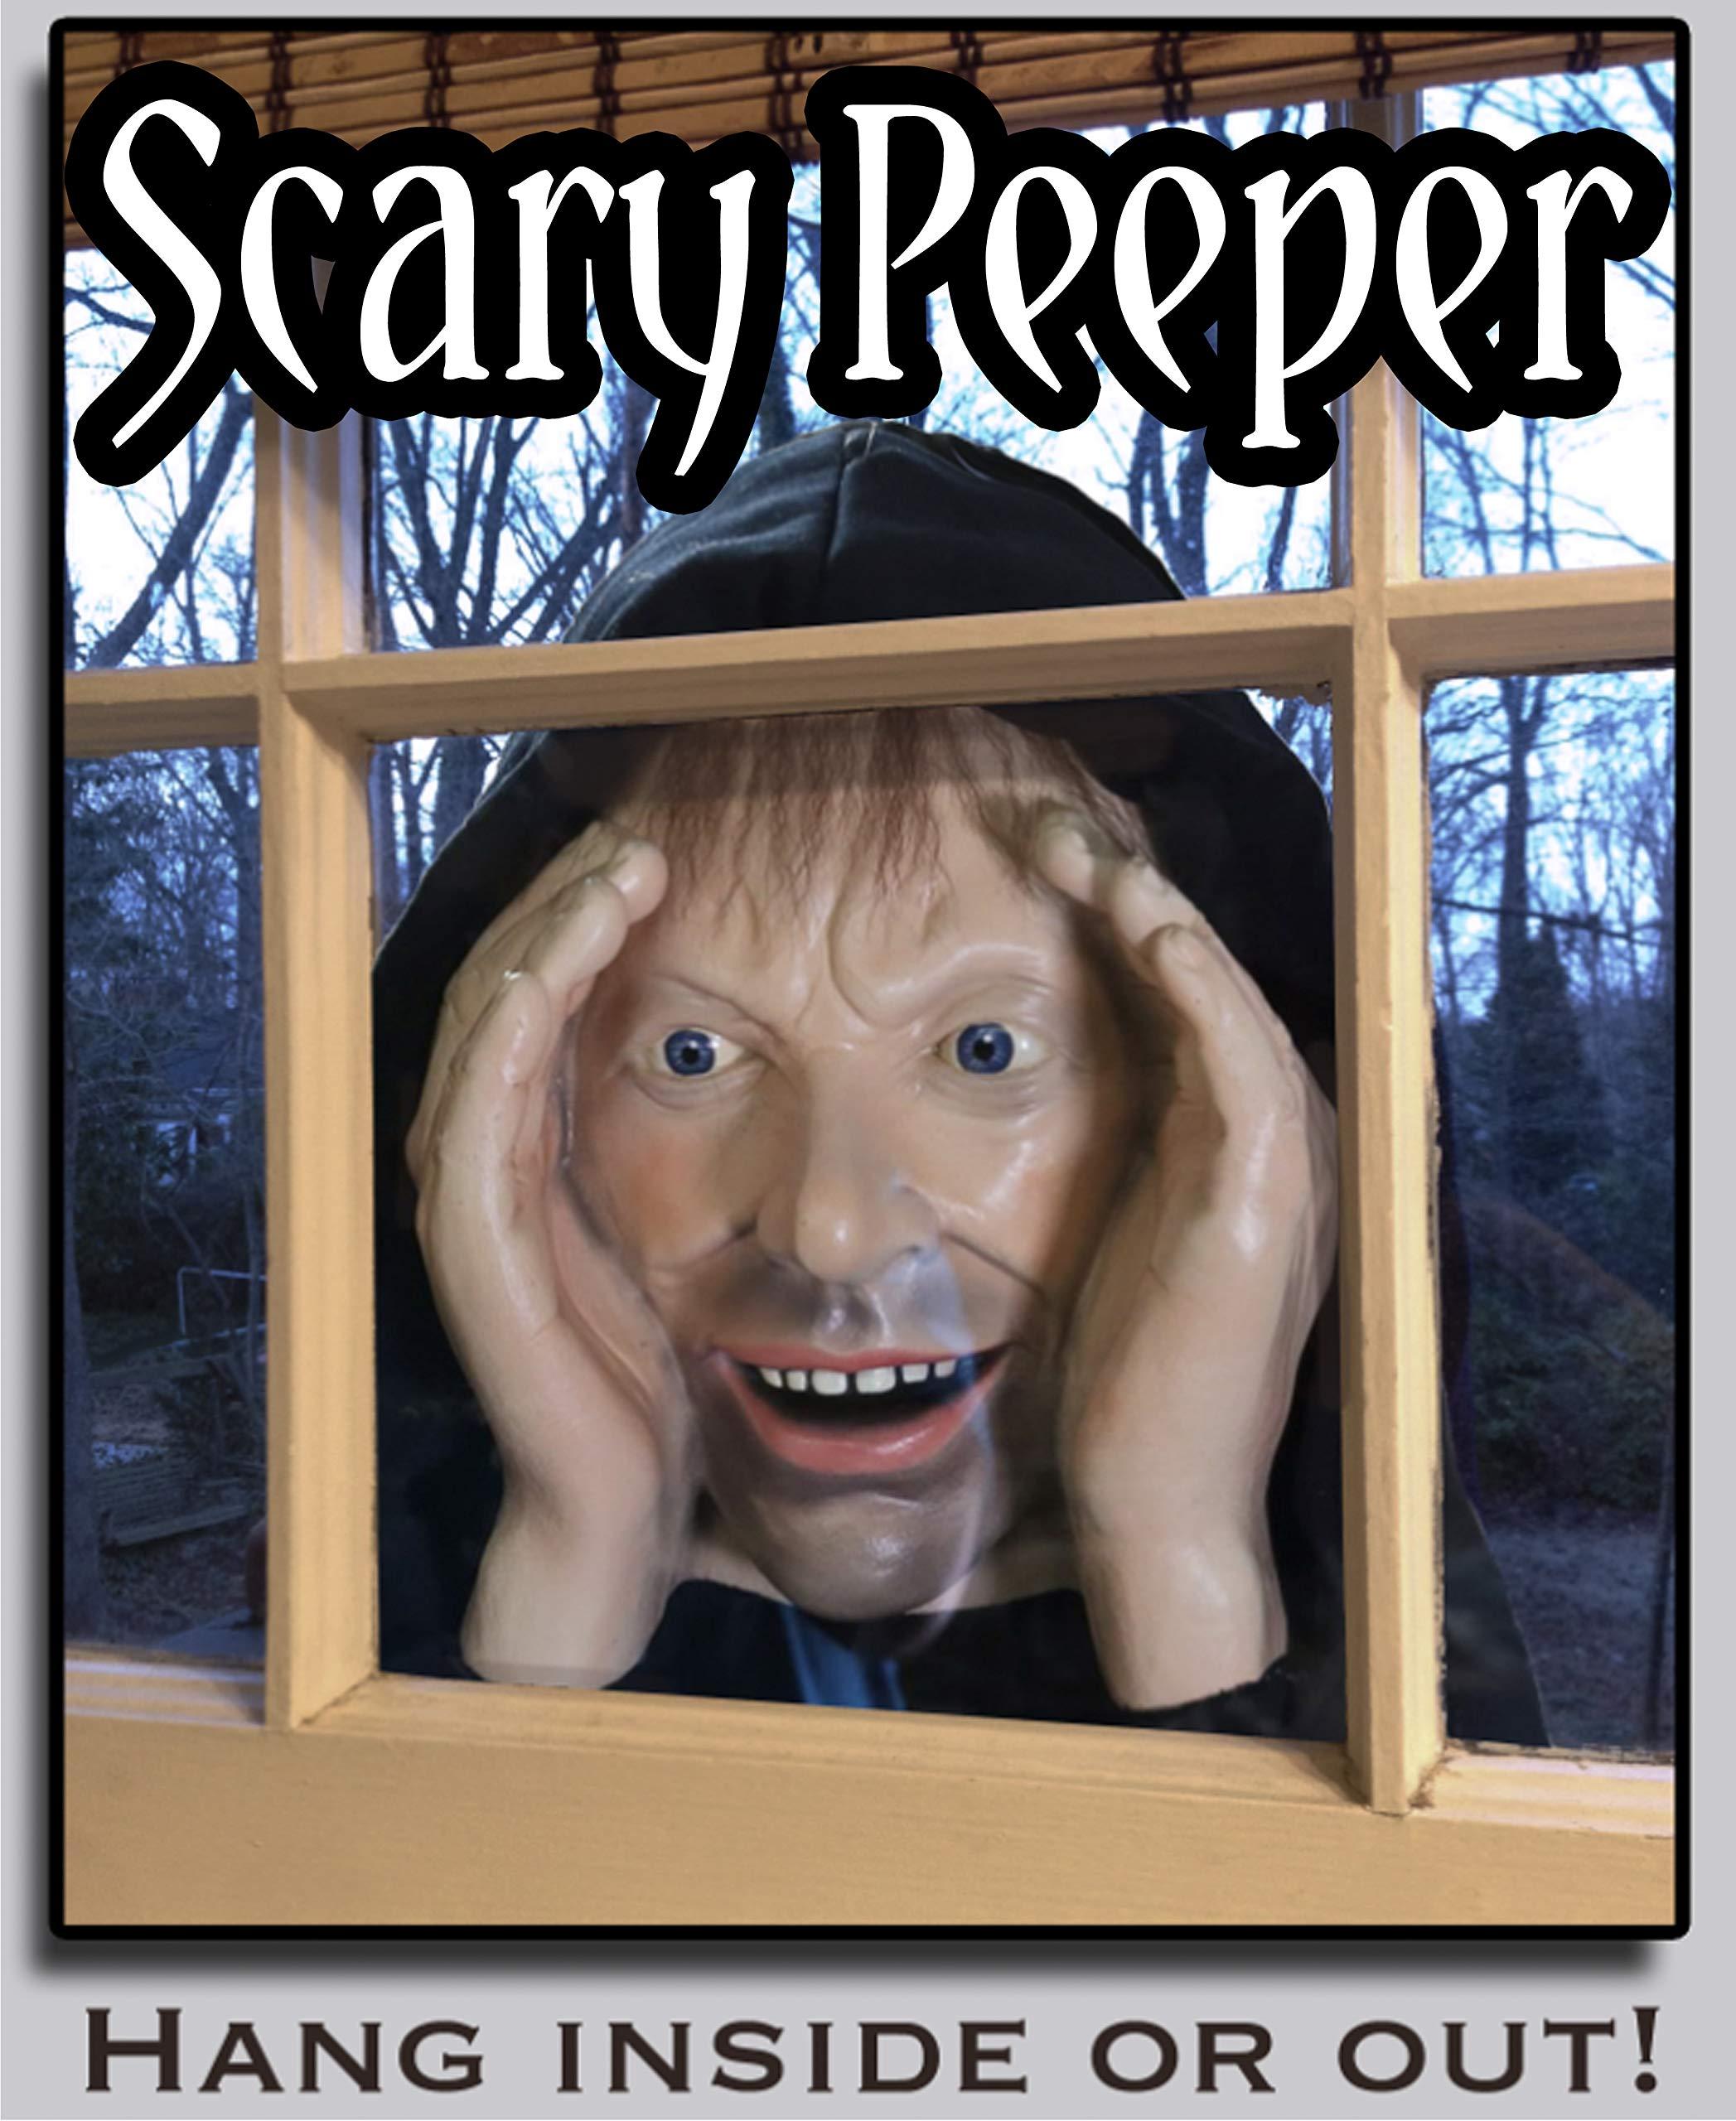 Halloween Dekorationen Scary Peeper Spanner| wahrlich lebender angsteinflößender Fenster Peeper Stütze